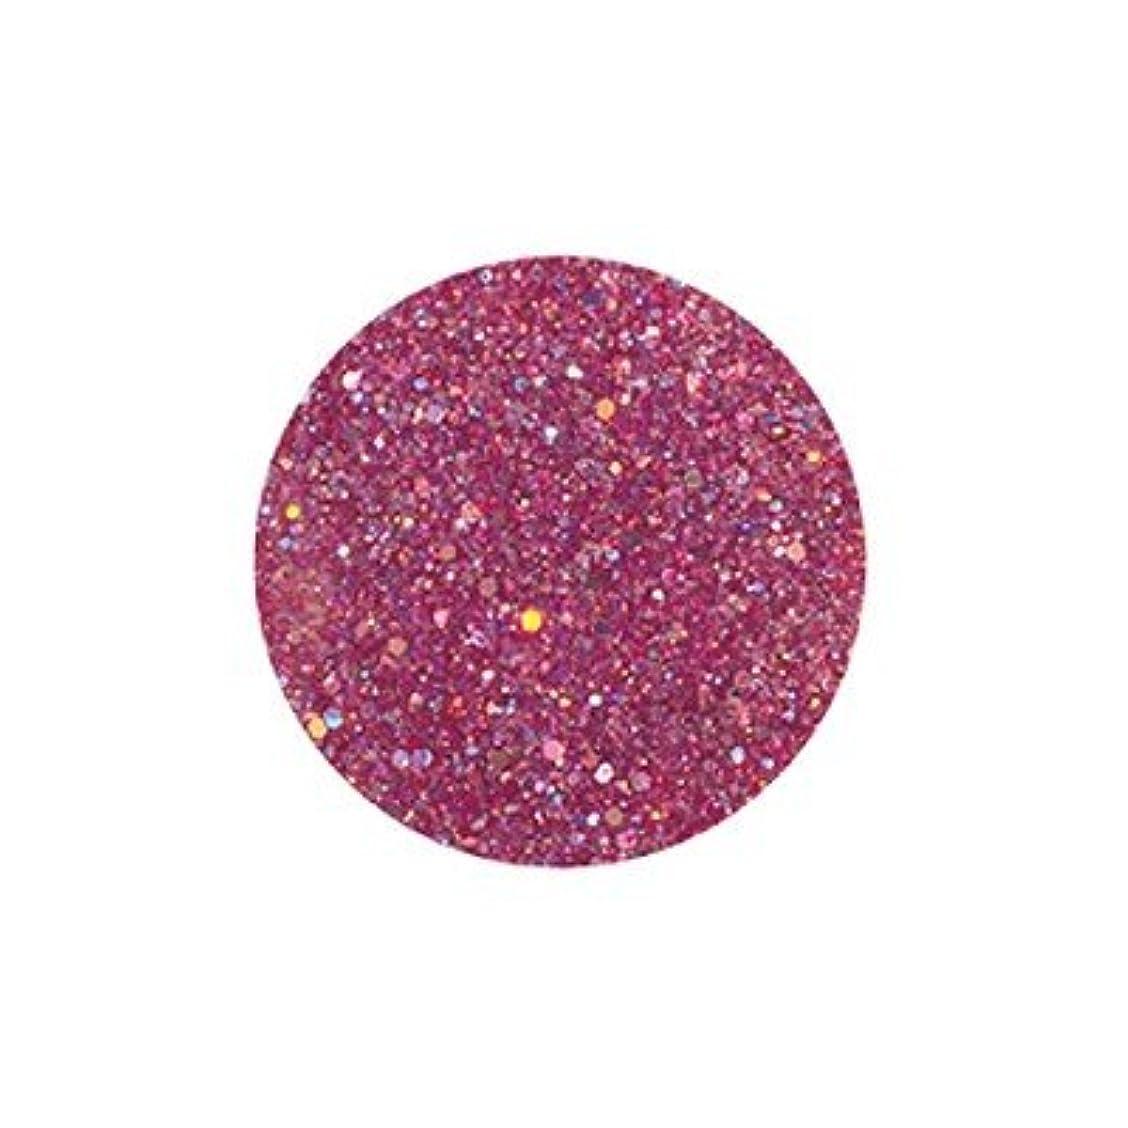 挑発する書き込み工業用FANTASY NAIL ダイヤモンドコレクション 3g 4259XS カラーパウダー アート材